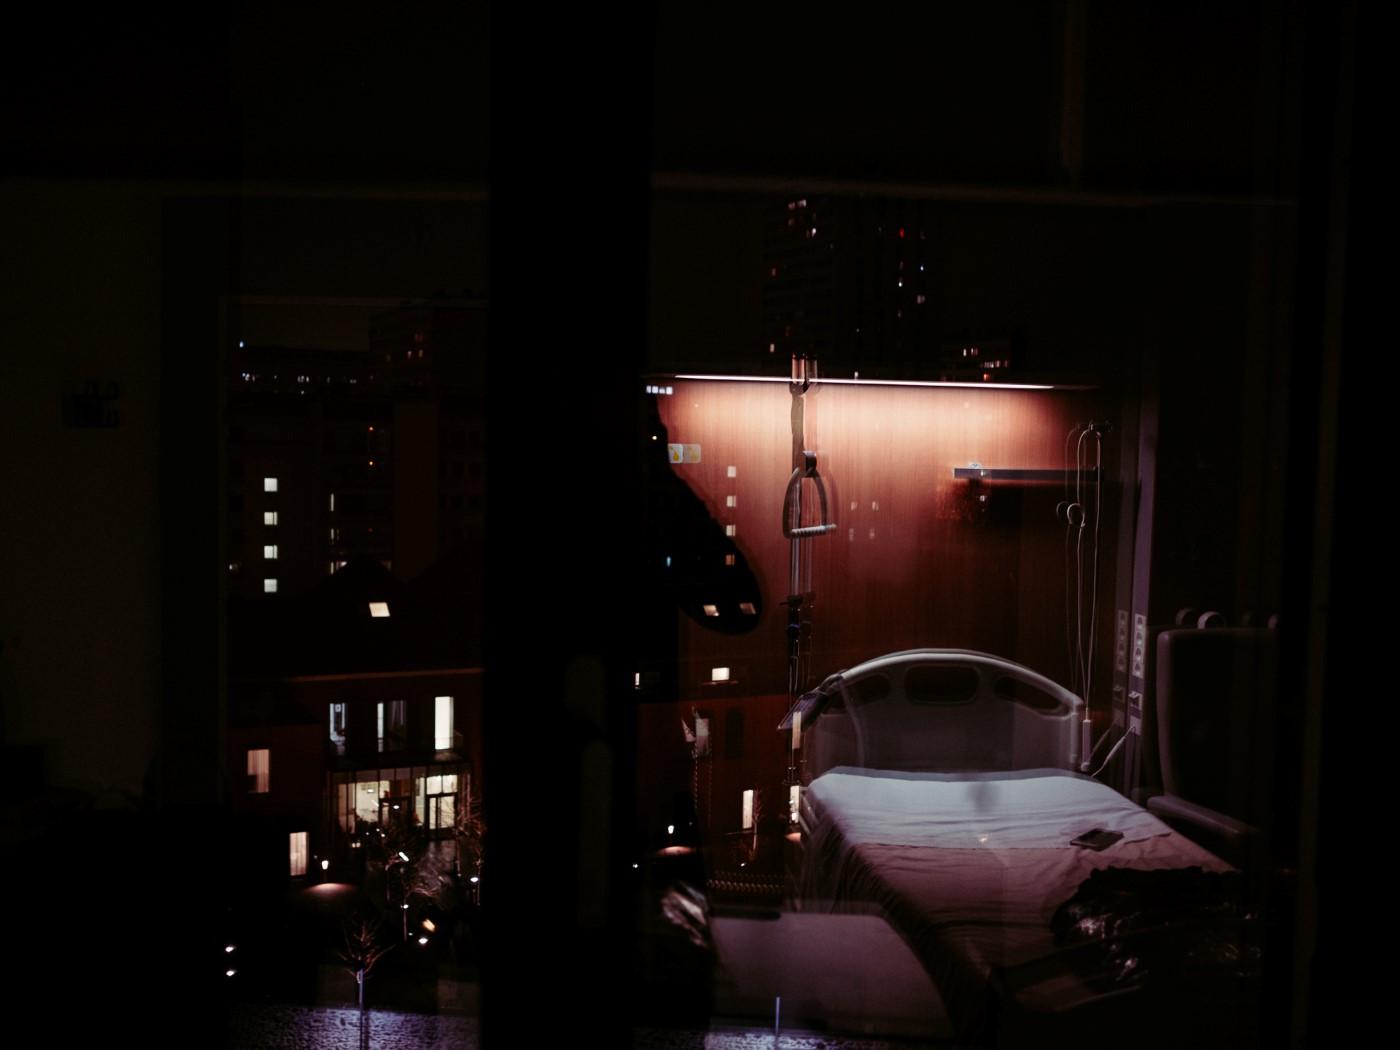 Reflet de la chambre sur vue nocturne